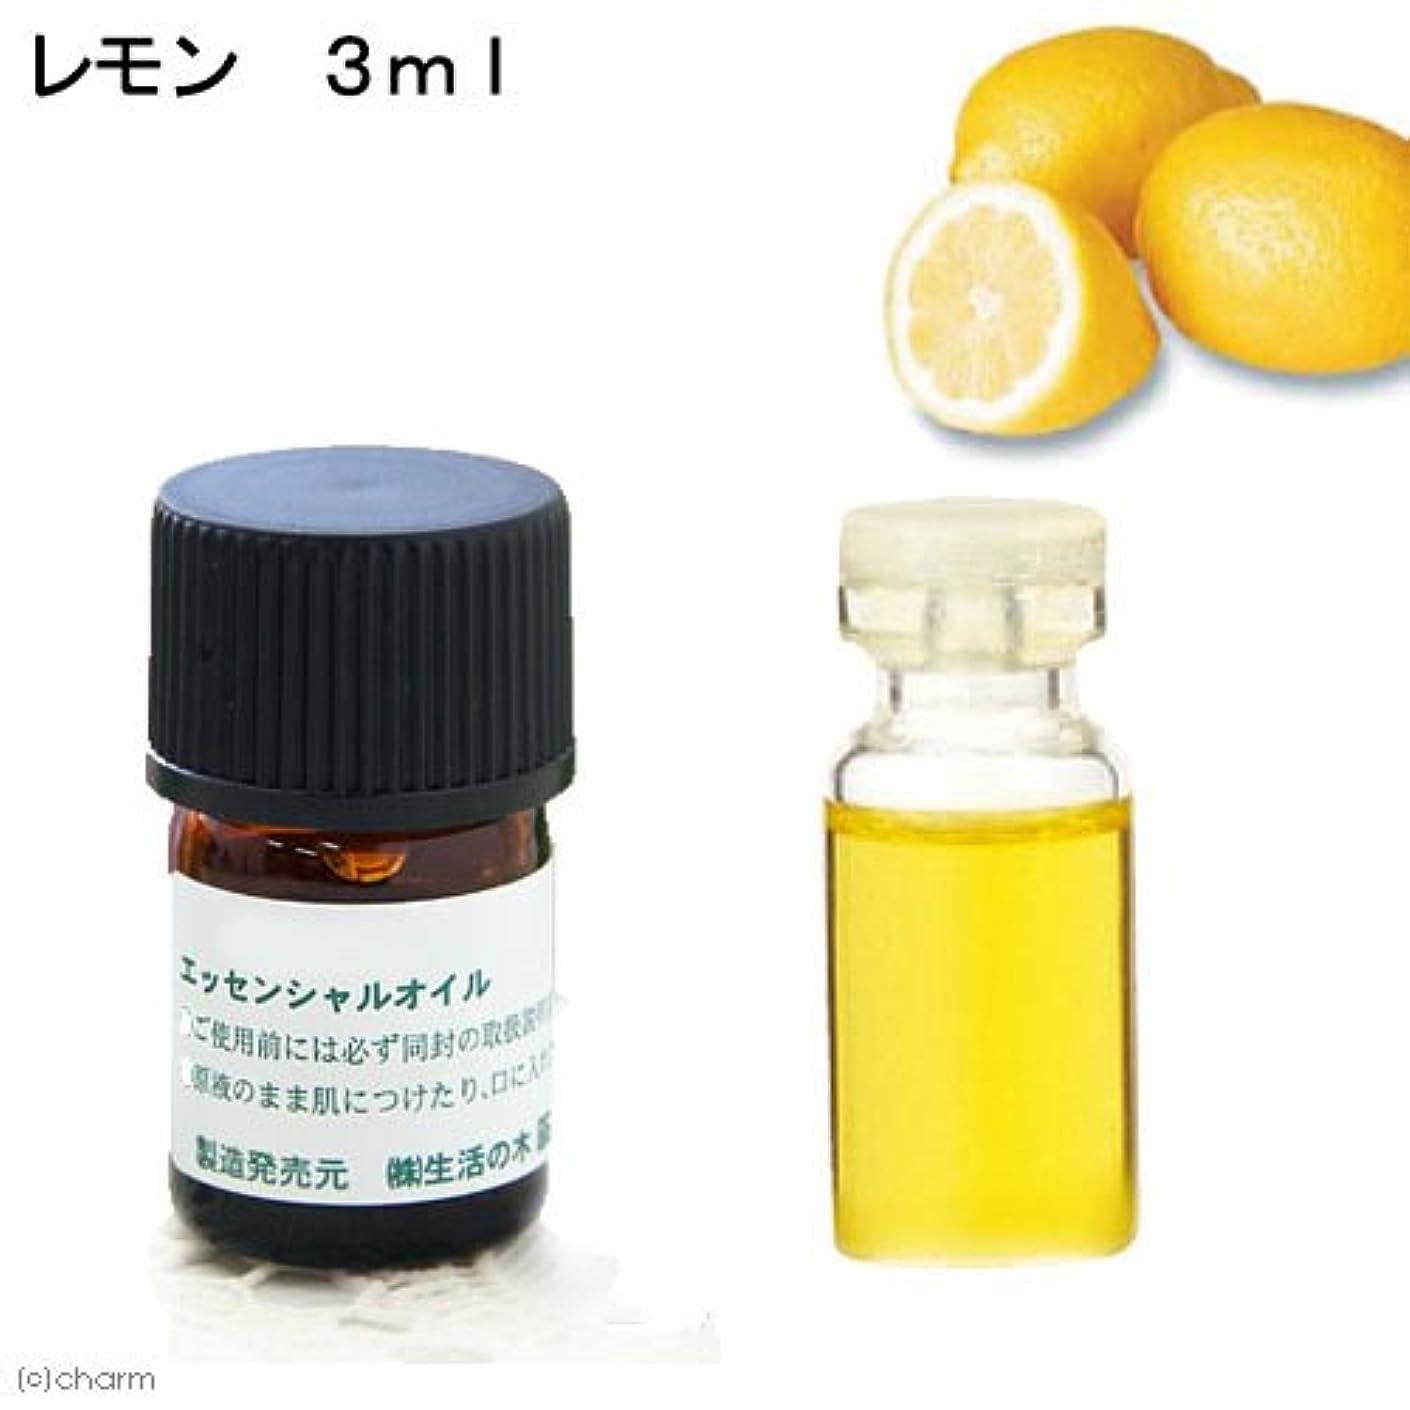 トライアスロンウェブ枯渇生活の木 レモン 3ml